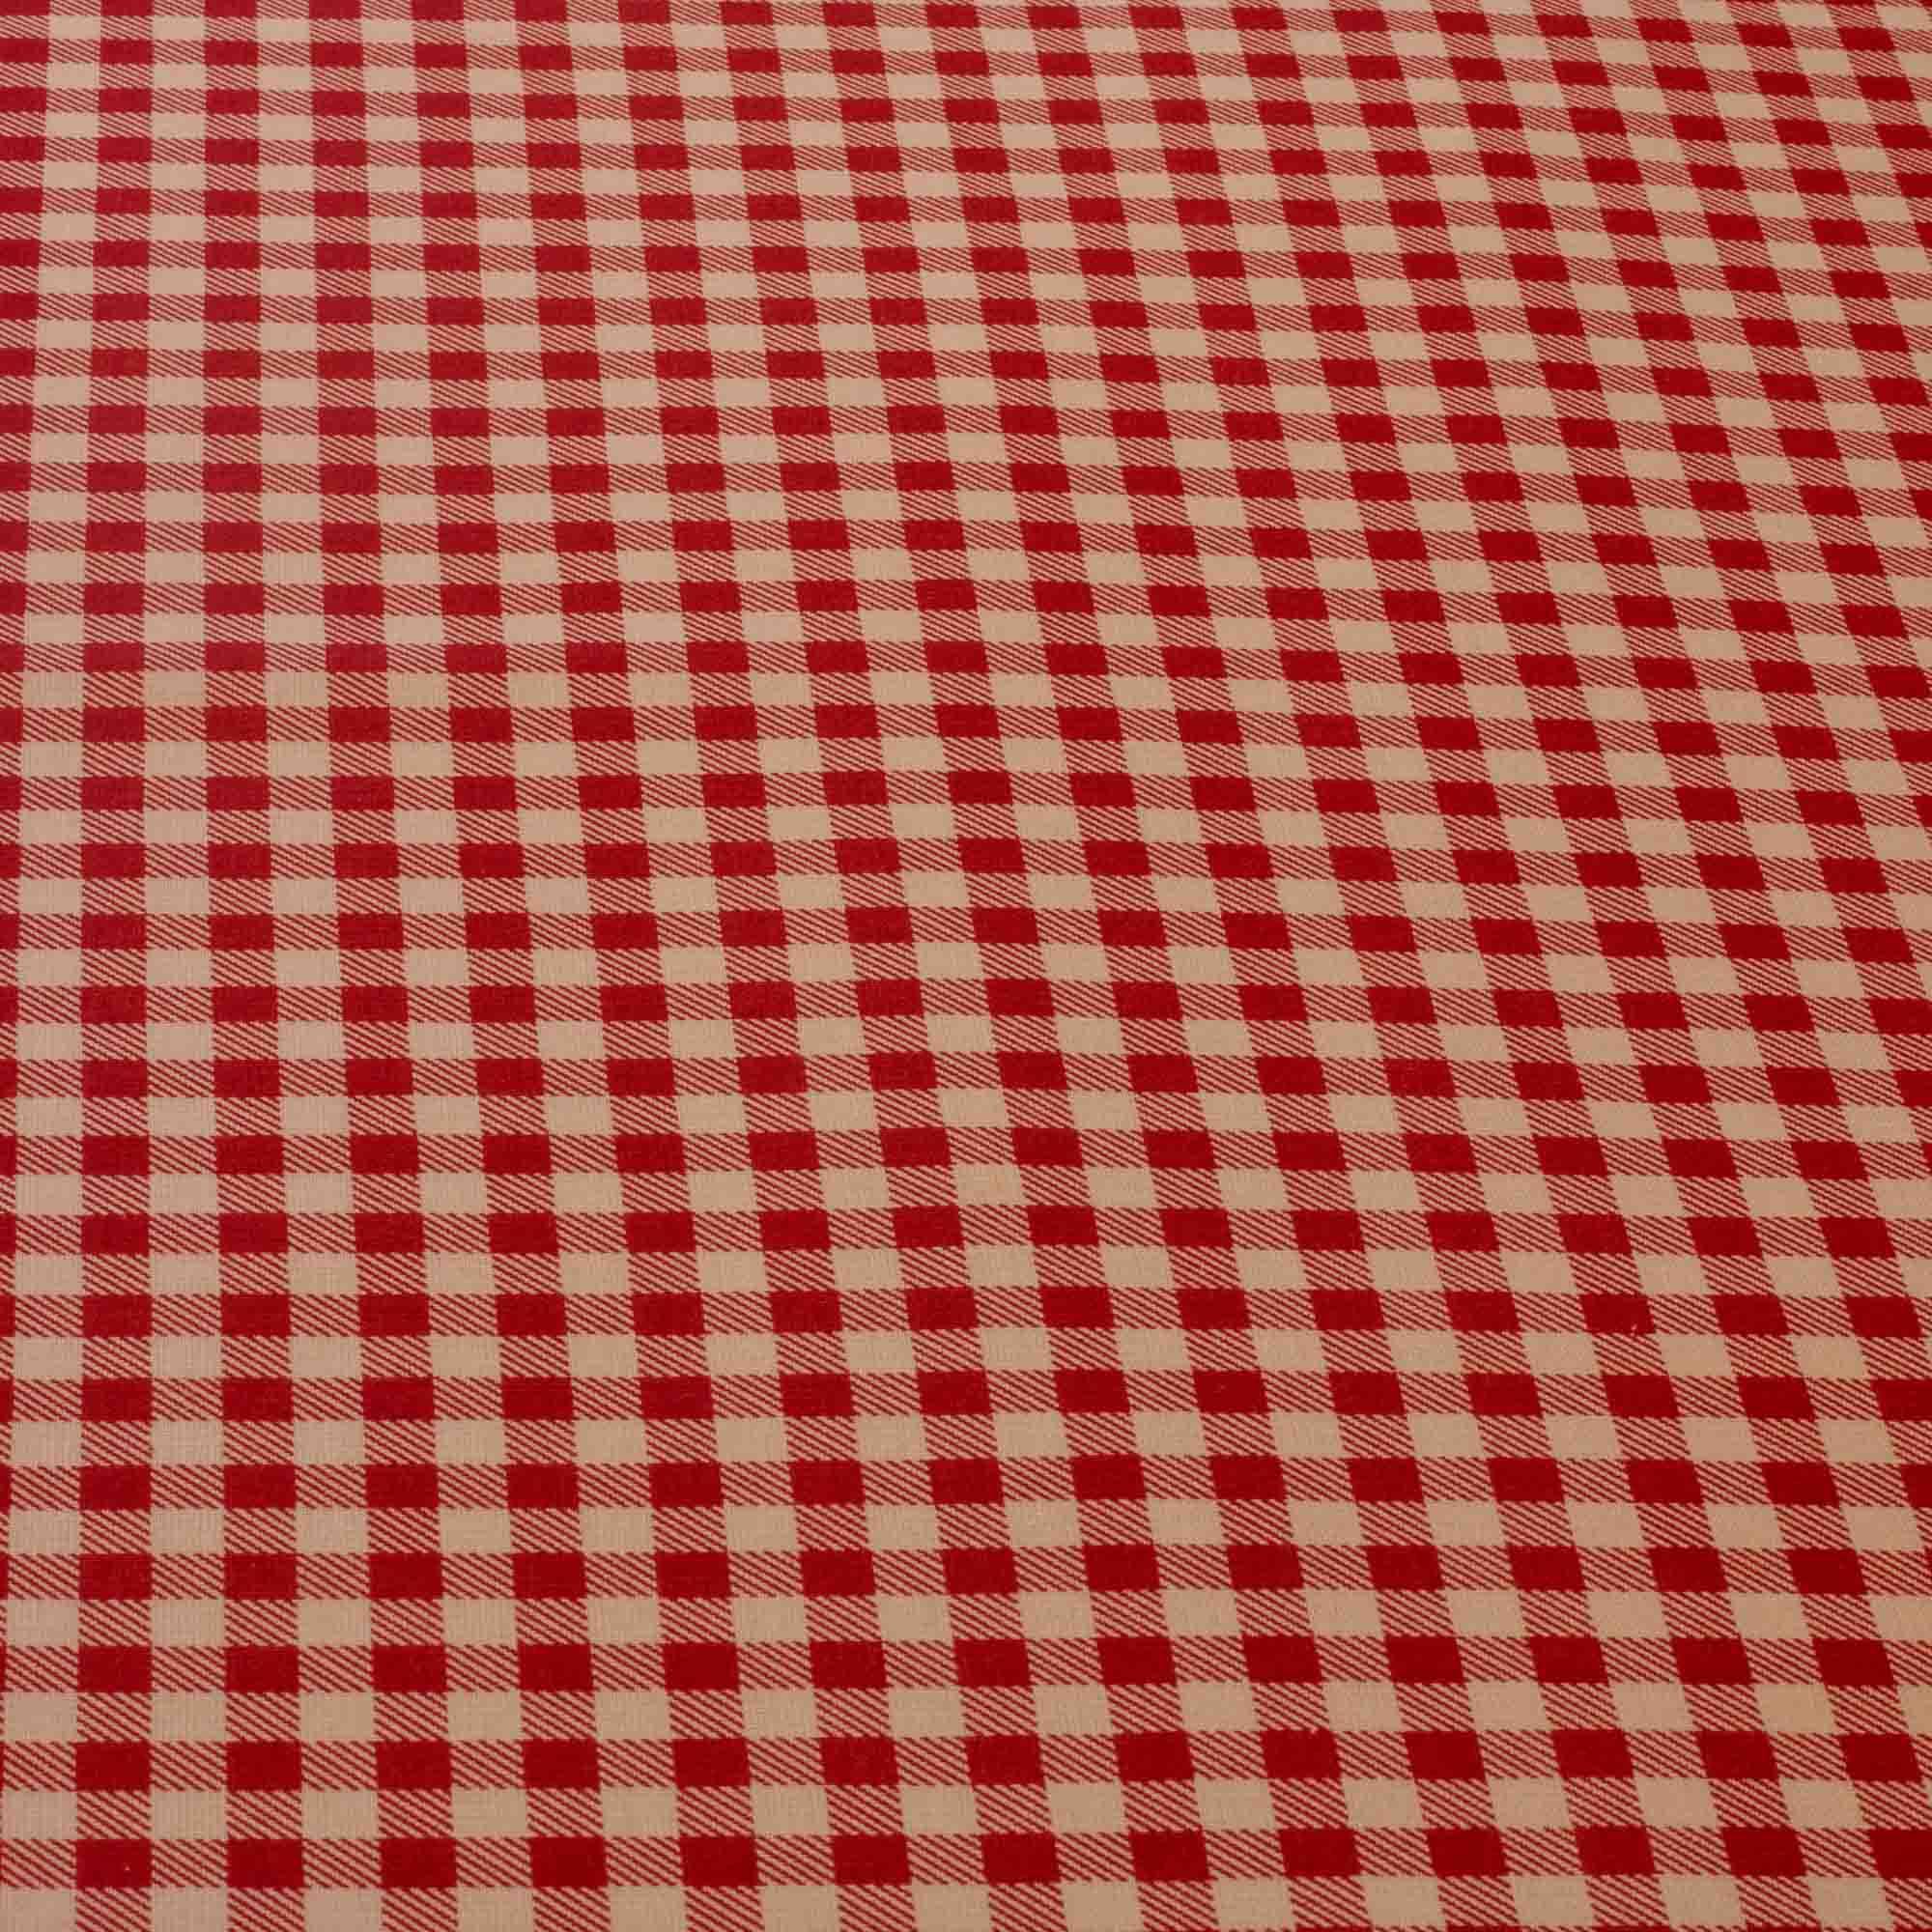 Tecido tricoline xadrez 50% algodão 50% poliéster vermelho